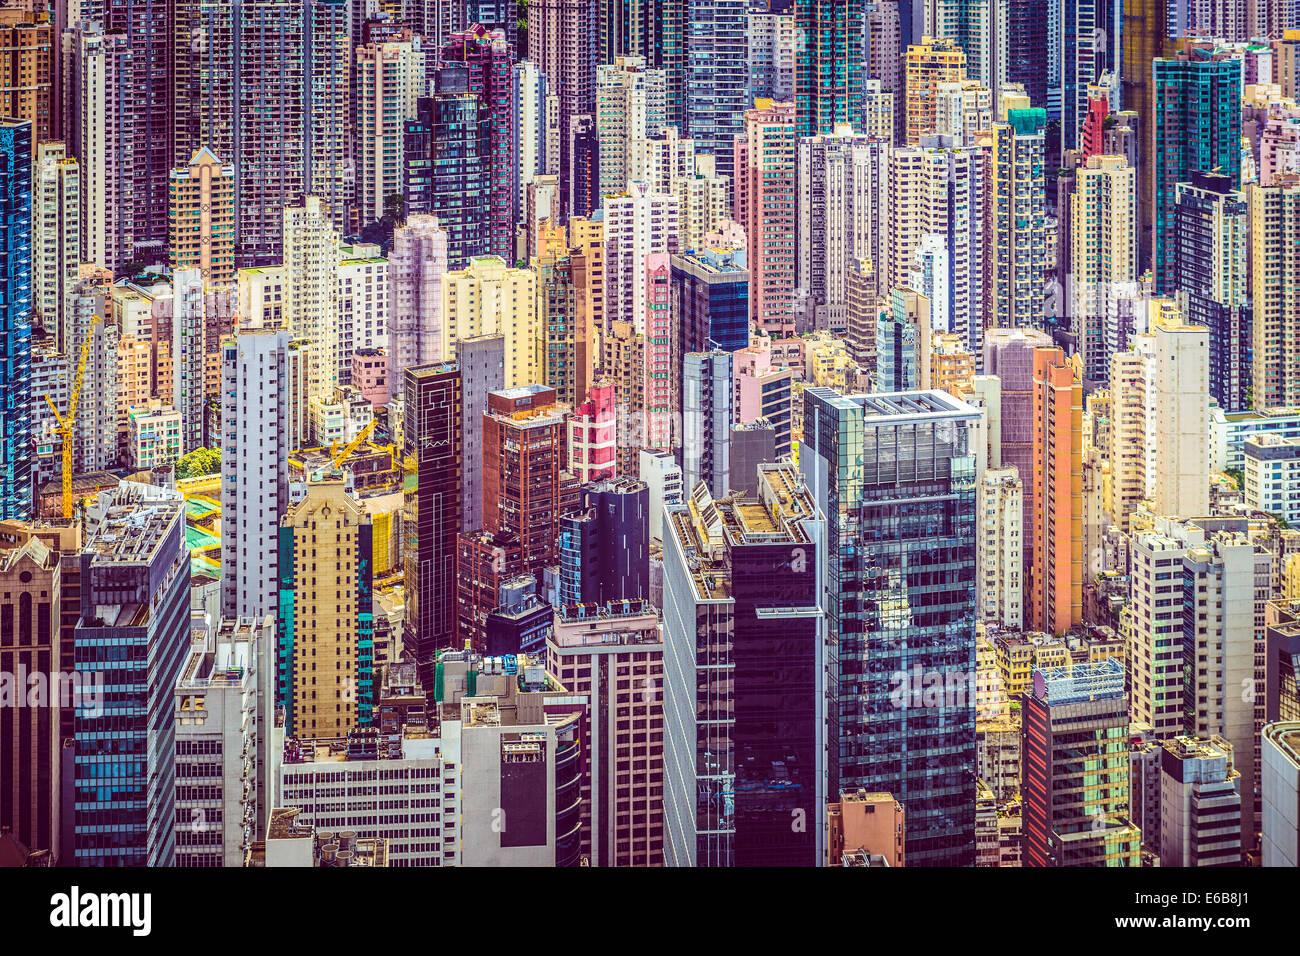 Hong Kong, China financial edificios paisaje urbano. Imagen De Stock